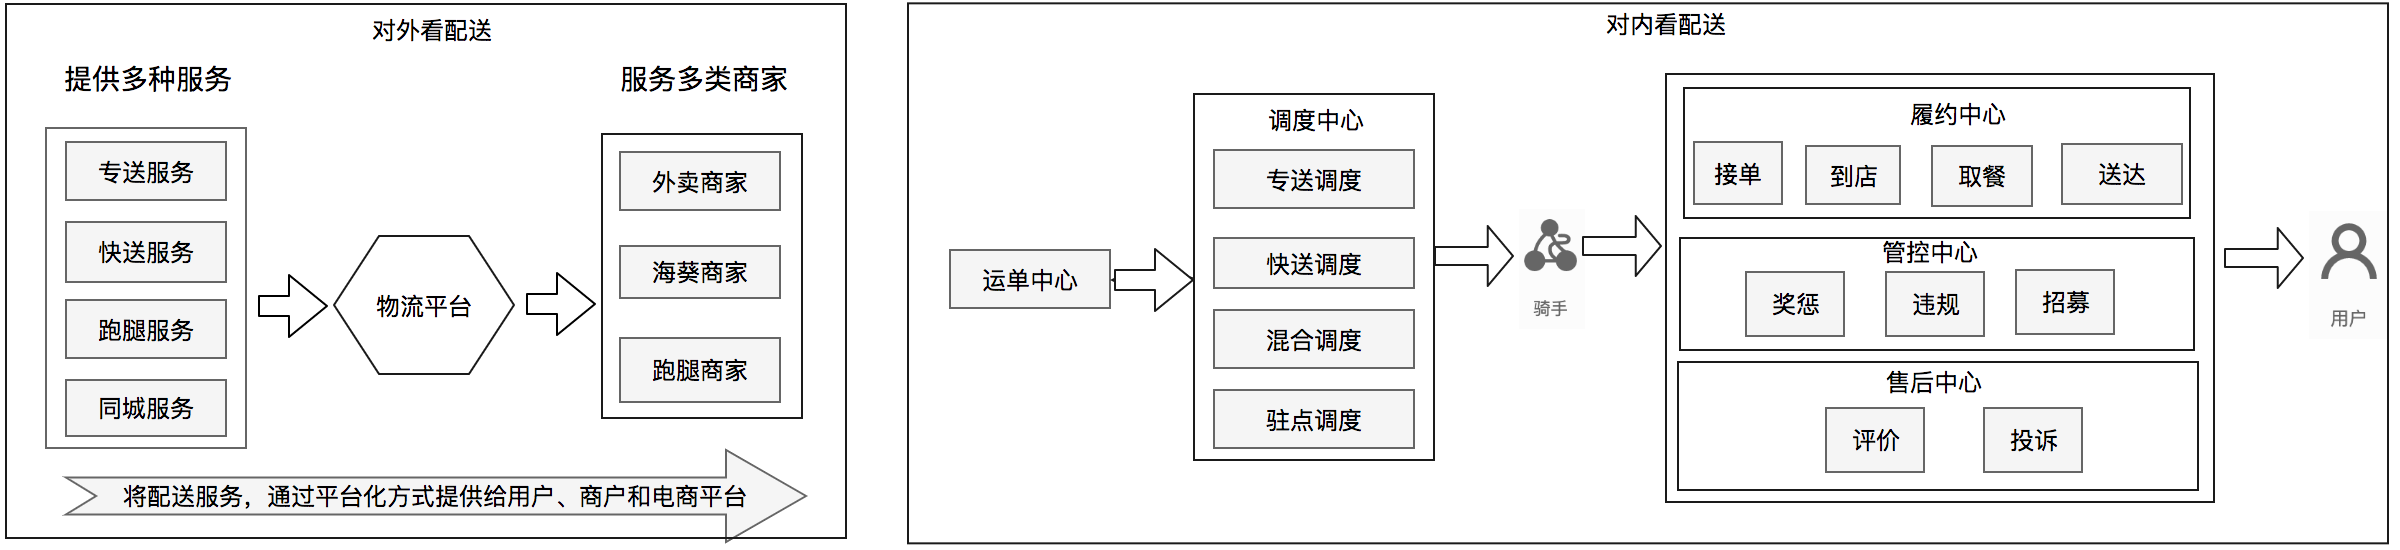 配送业务模式抽象